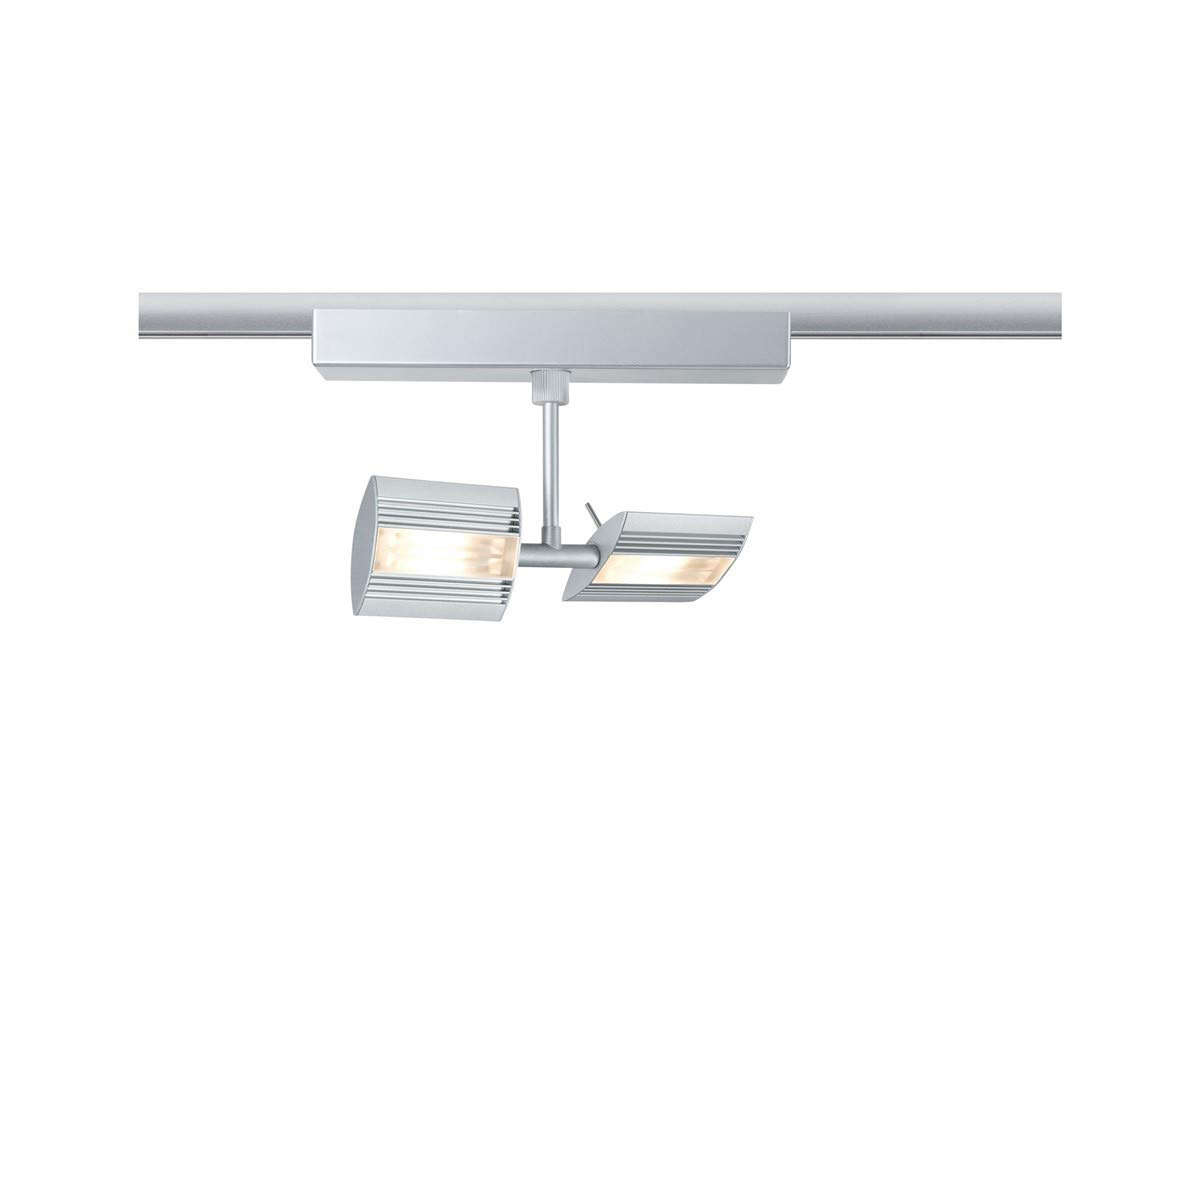 Silber Verschiedene Materialien Paulmann Stromschienensystem